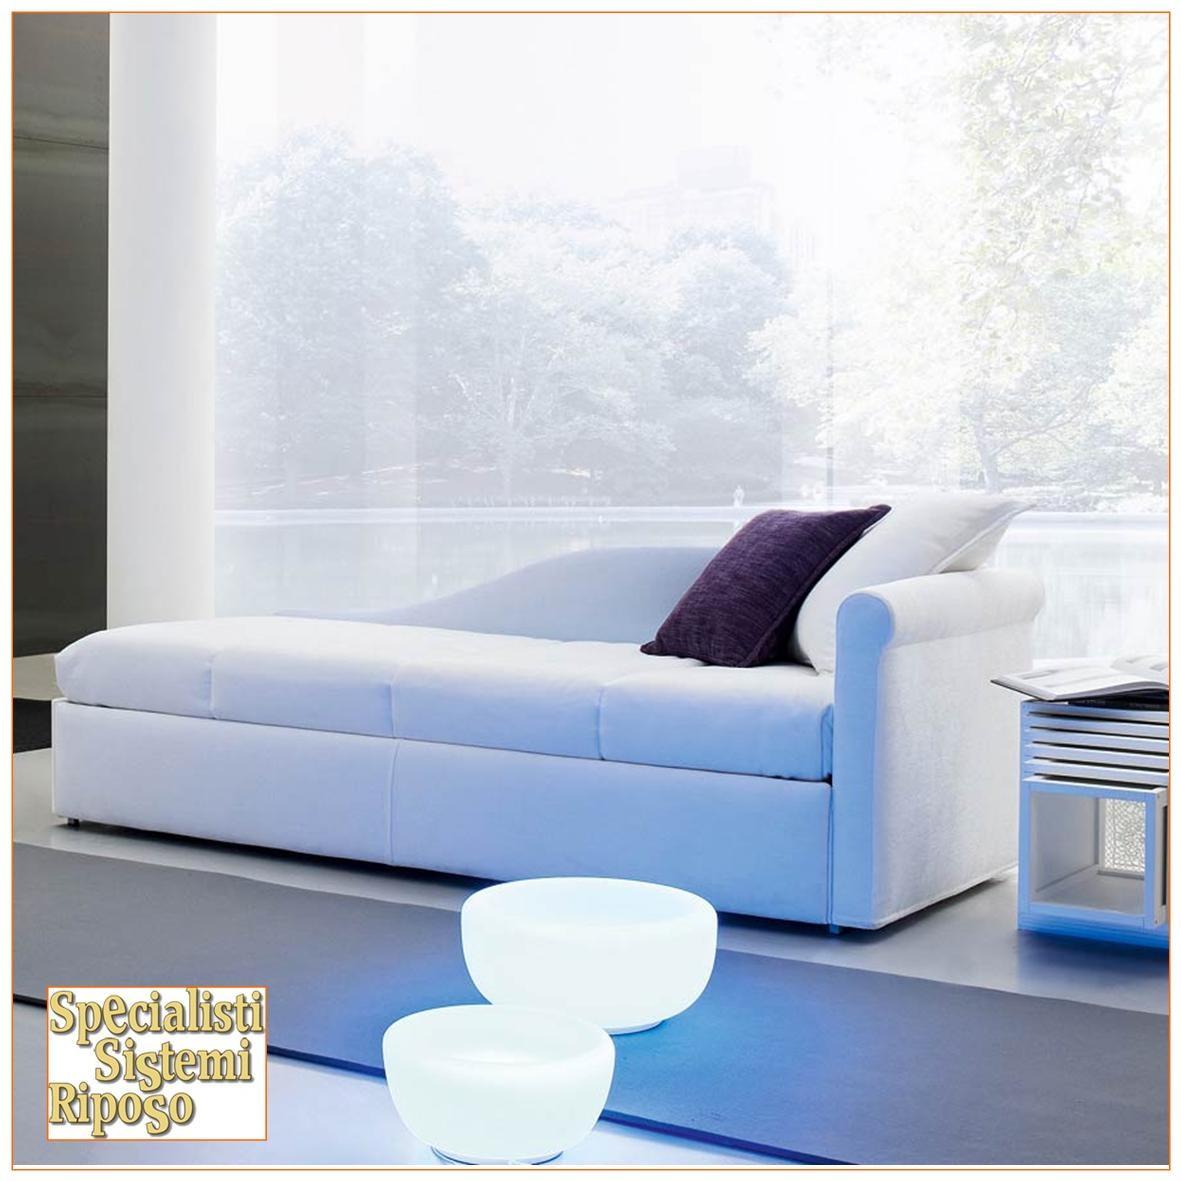 Poltrone e sofa letto elegant poltrone elettriche per anziani divani letto poltrone e sofa rosa - Poltrona letto city ...